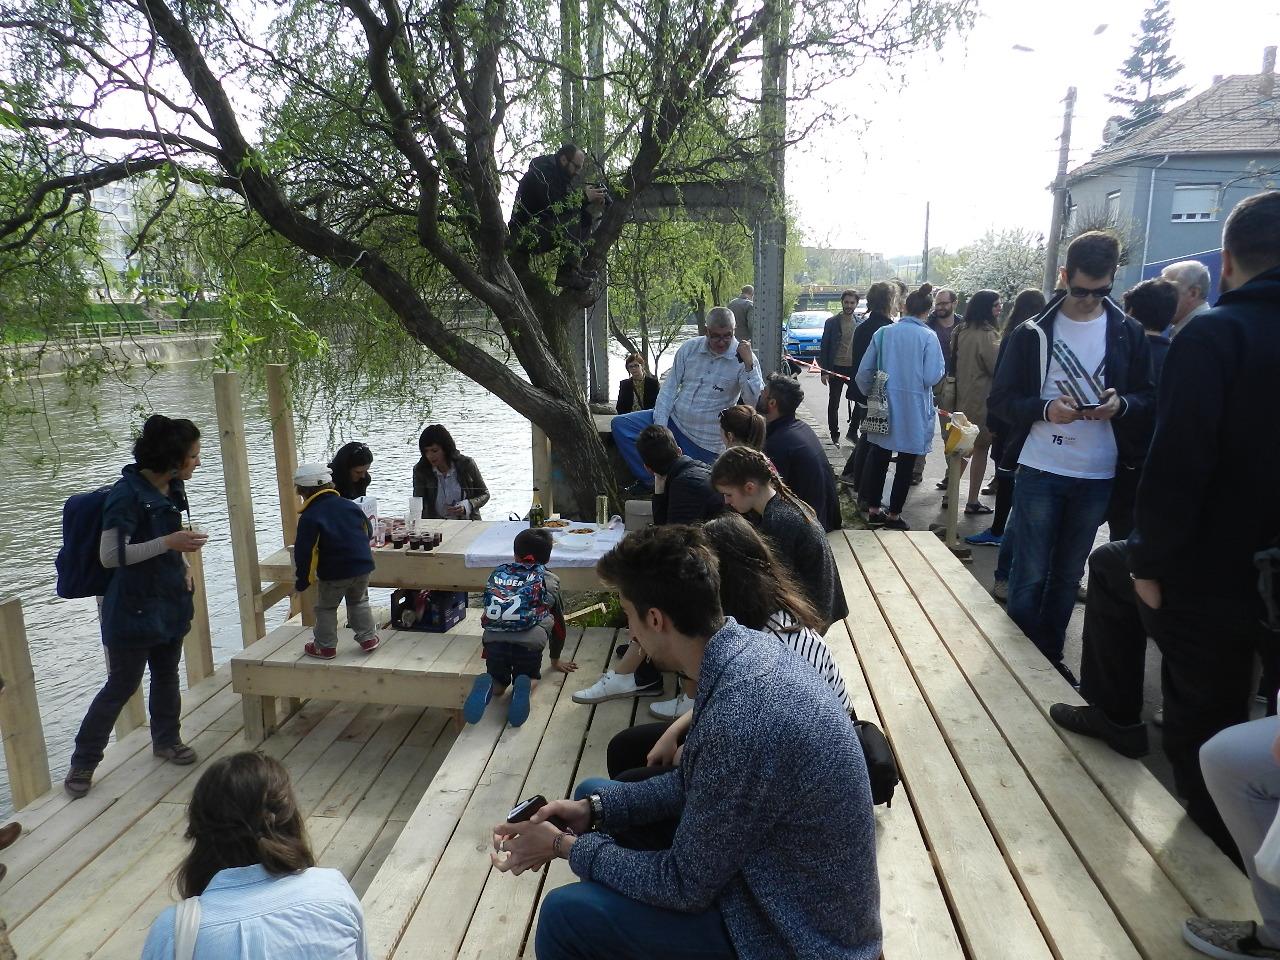 Un nou loc de promenadă inaugurat duminică pe malul Someșului, lângă Podul Garibaldi – FOTO